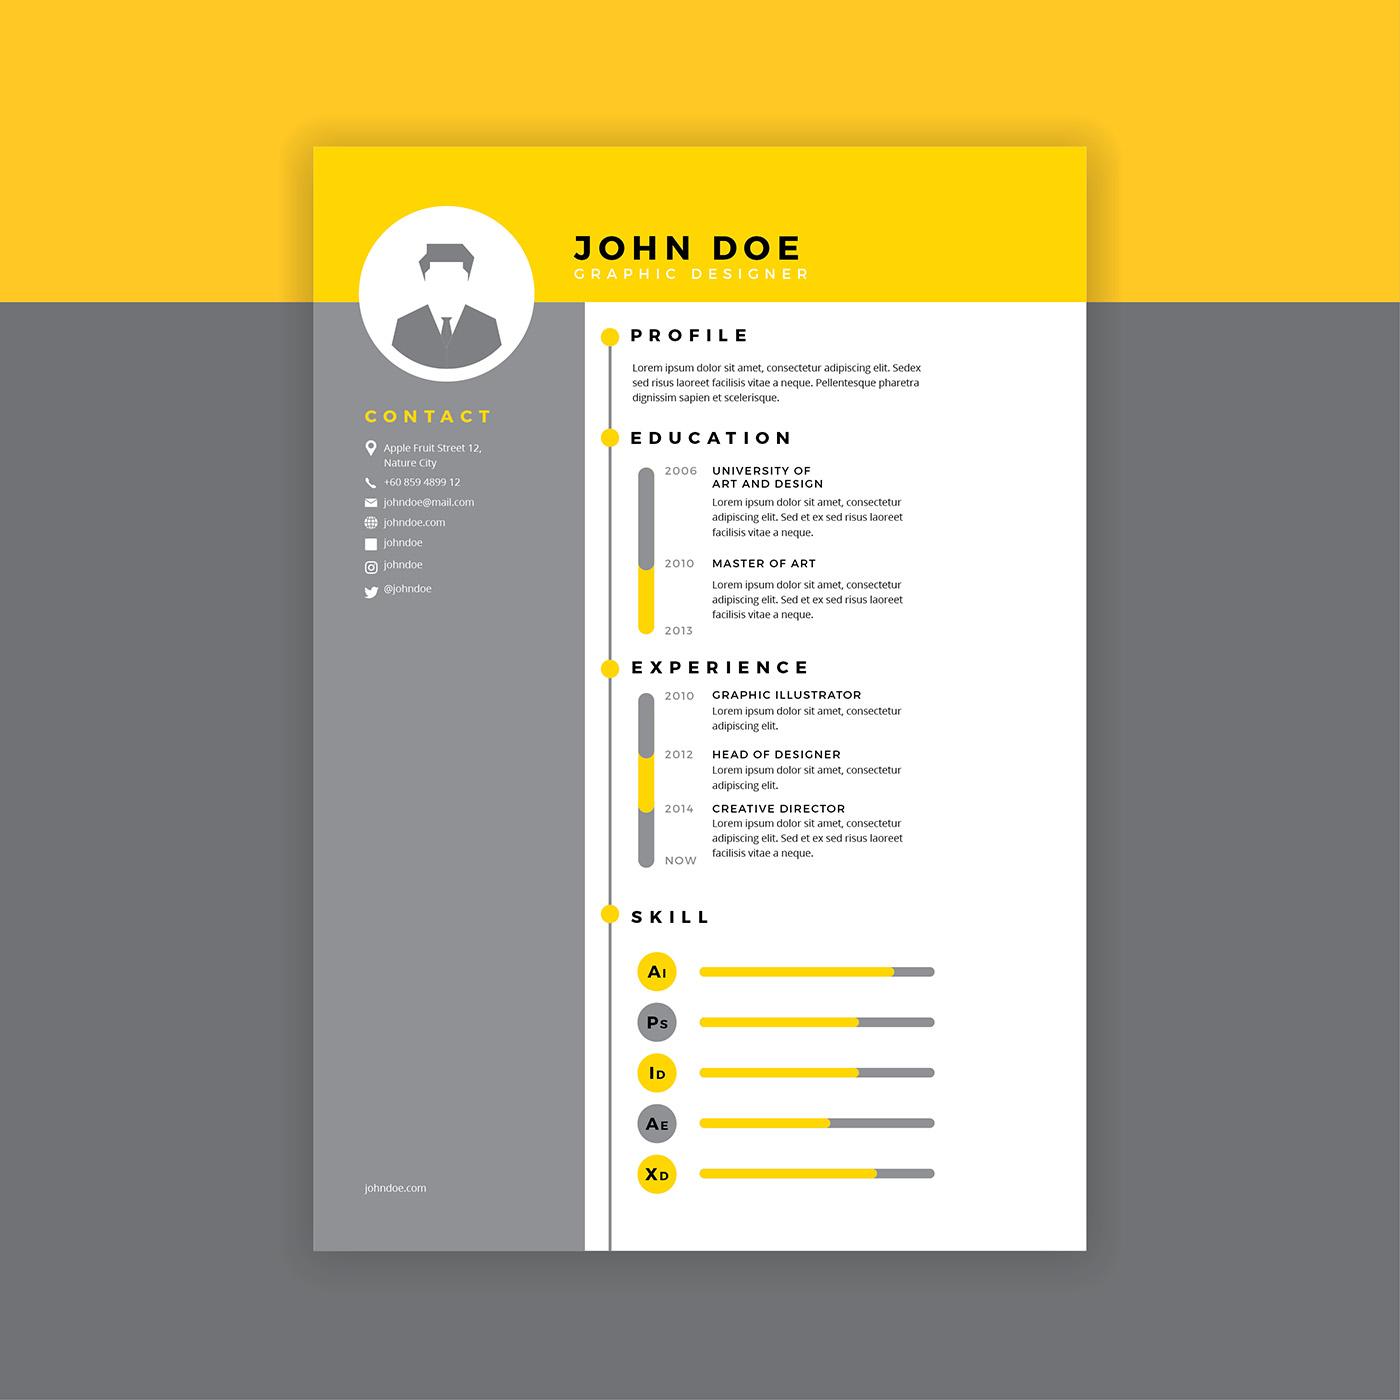 Diseñador gráfico curriculum vitae Vector amarillo - Descargue ...